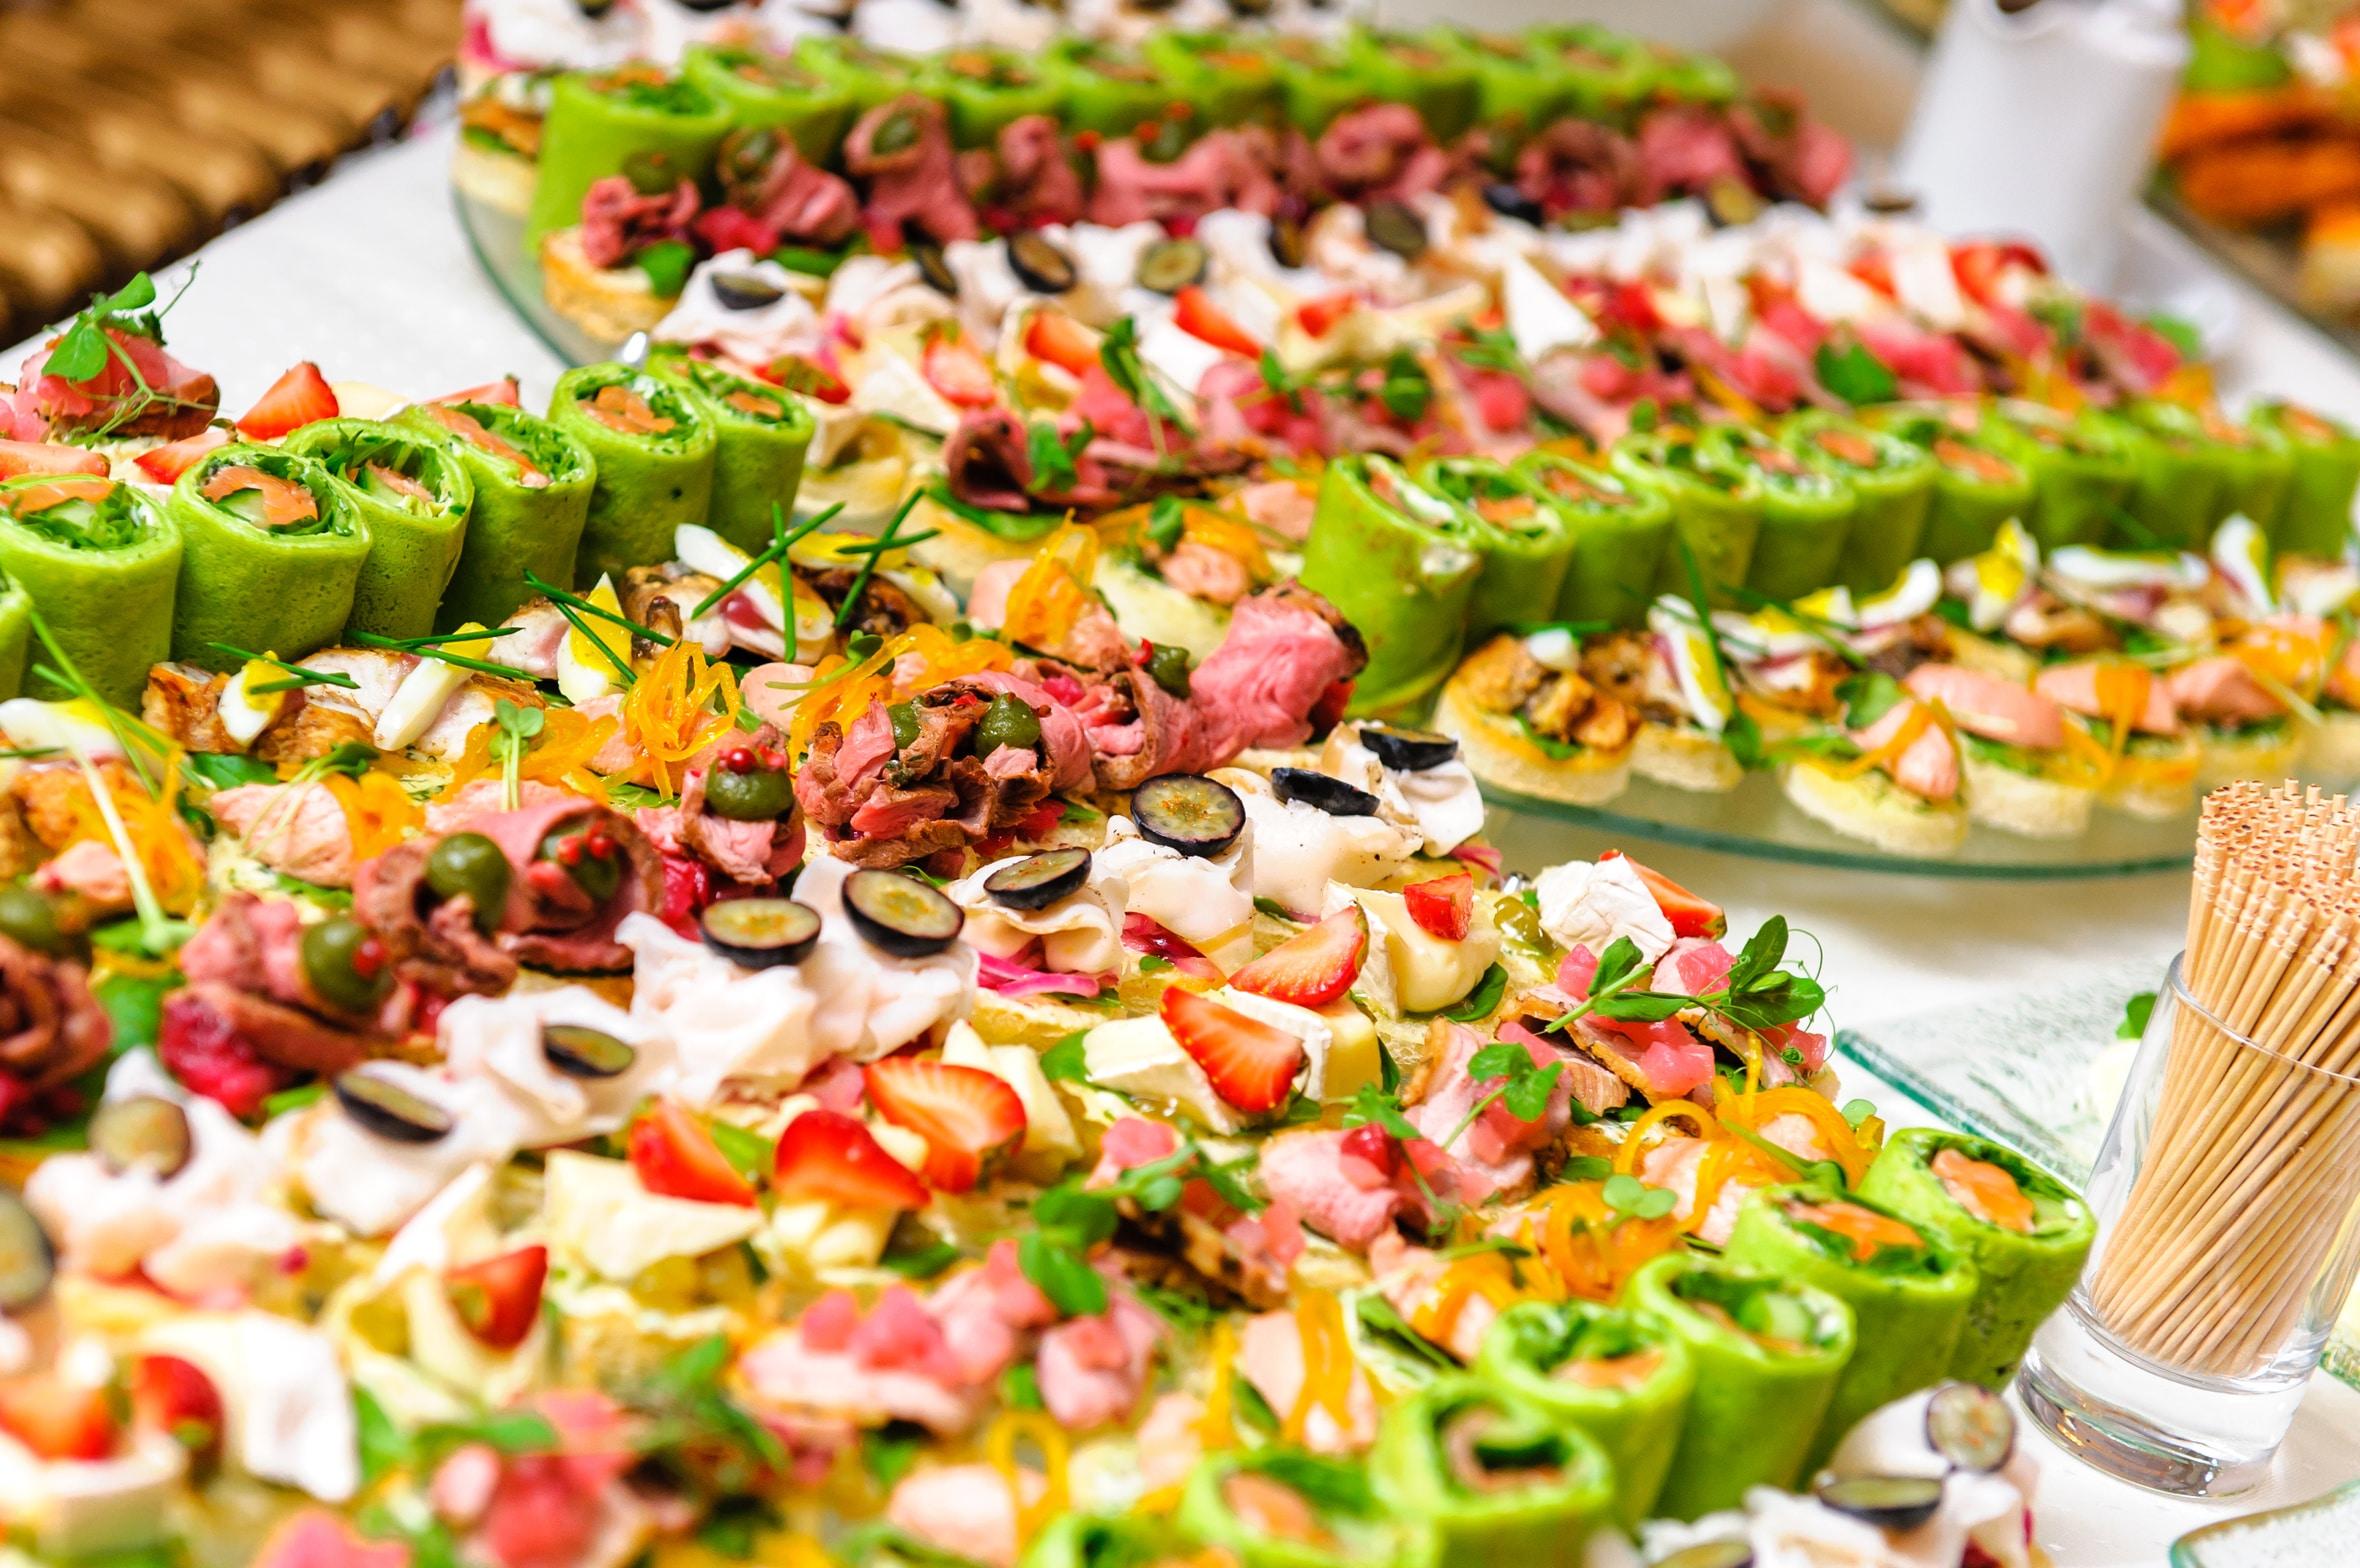 cuisiner soi mme ou faire appel un traiteur pour sa soire 1001 salles le blog - Traiteur Mariage Guadeloupe